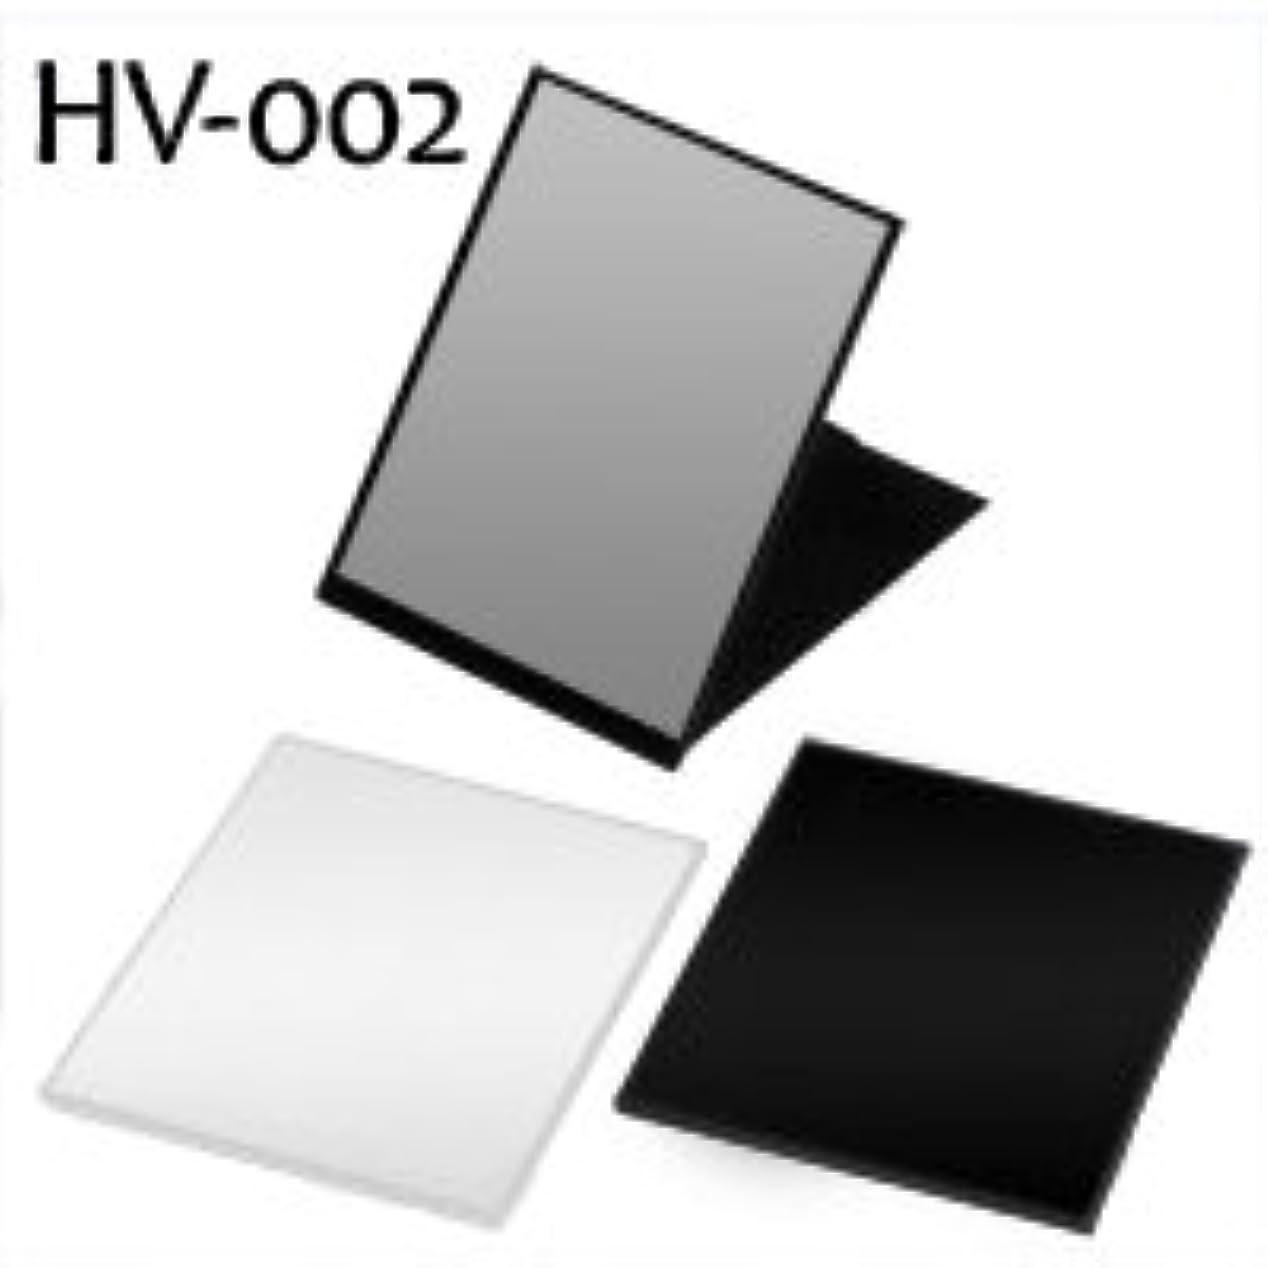 配る廃止する合成ハイパービュースリム&ライトコンパクトミラー(L) HV-002 ブラック